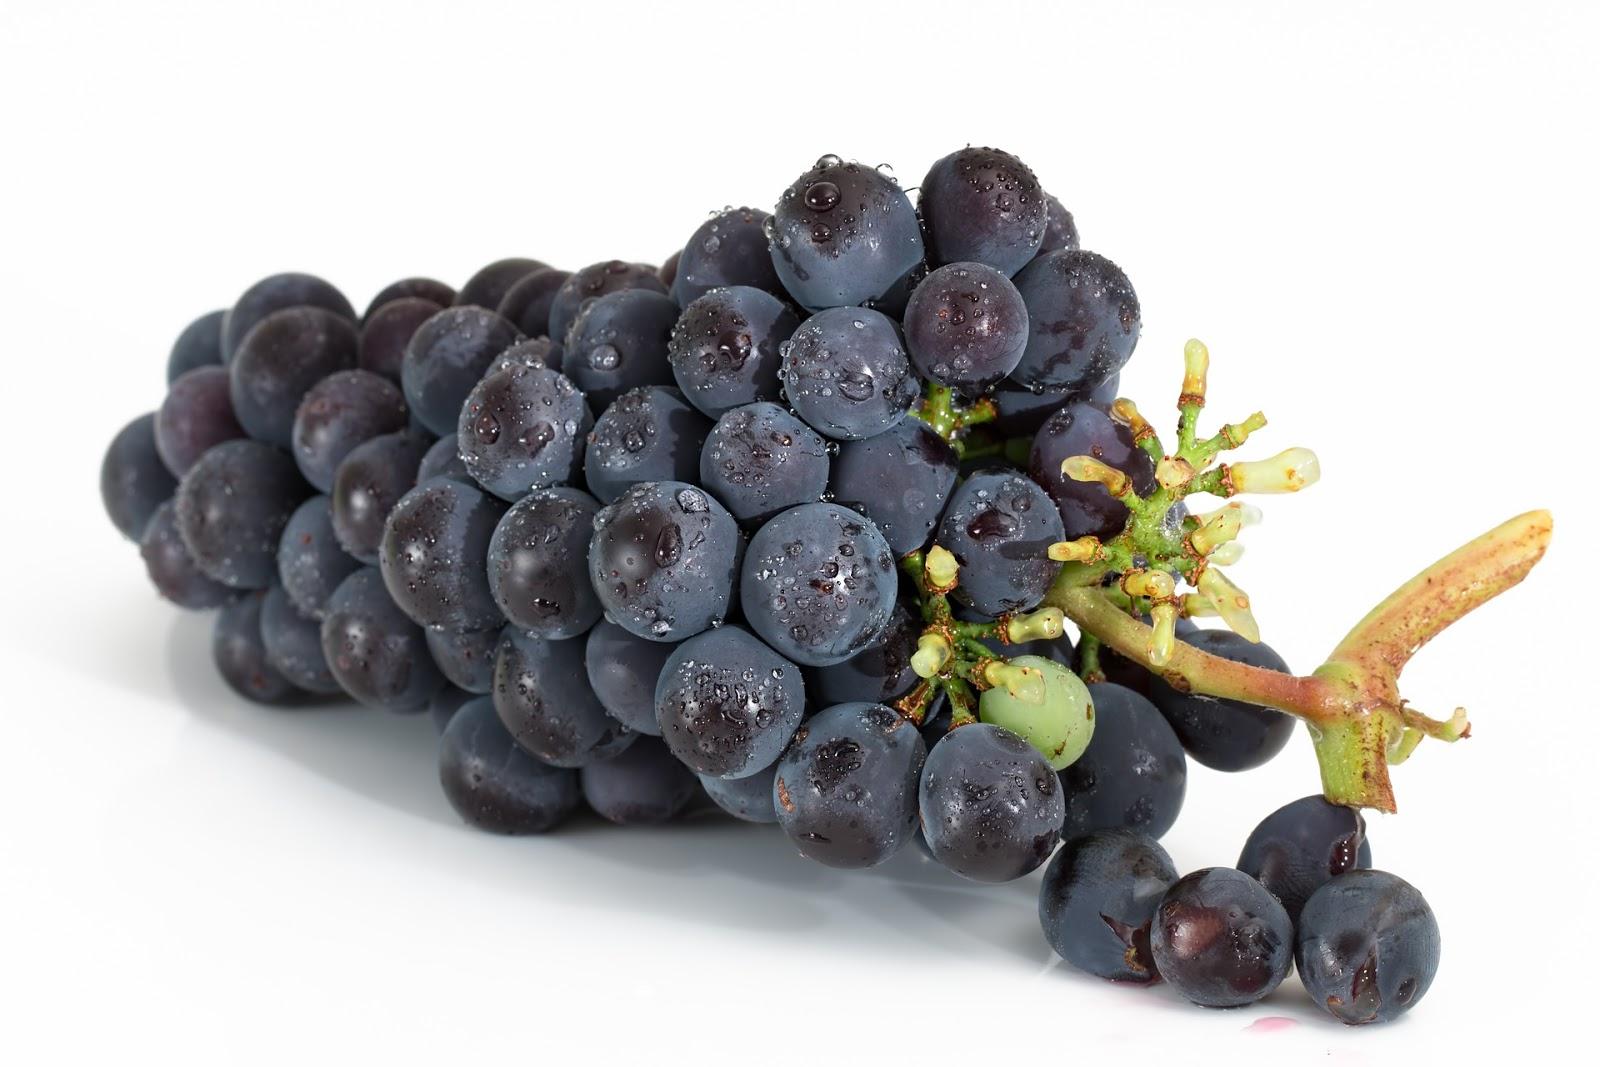 Apa manfaat buah Anggur